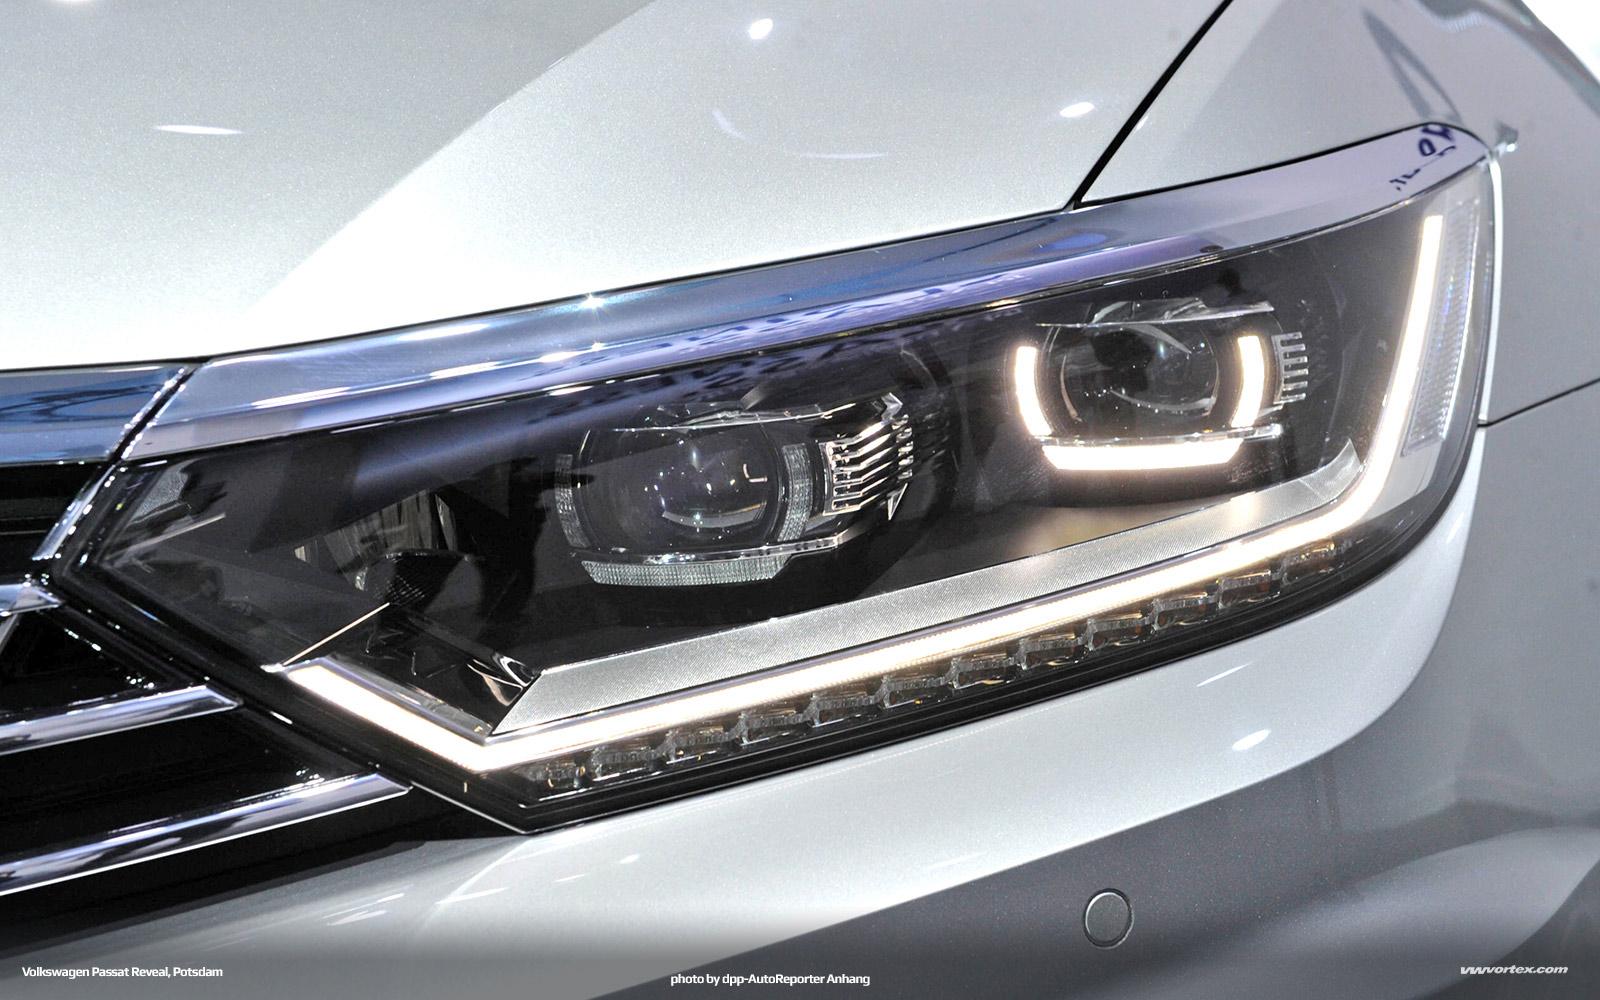 Volkswagen Passat VIII Reveal, Potsdam